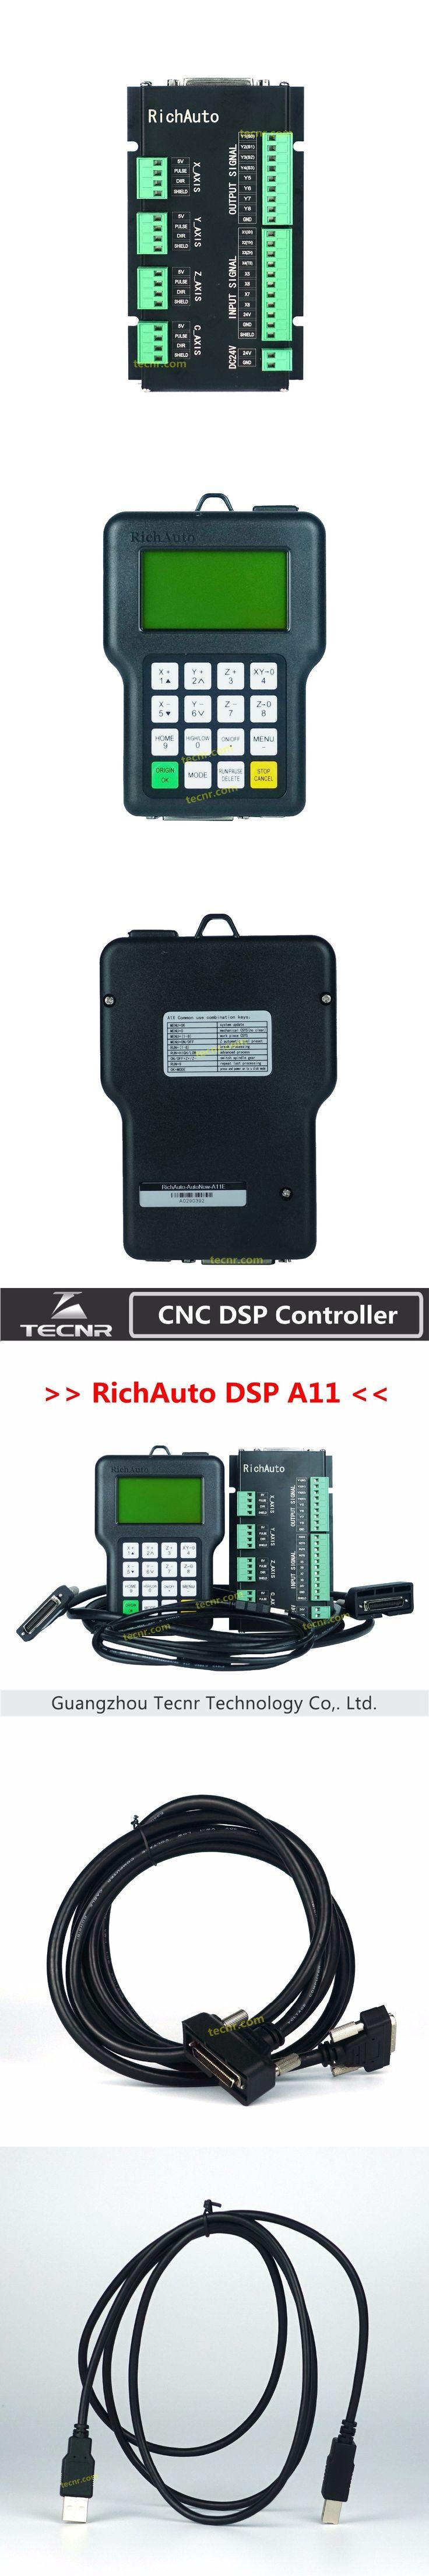 RichAuto DSP A11 CNC controller A11S A11E 3 axis controller for cnc router better than DSP 0501 controller